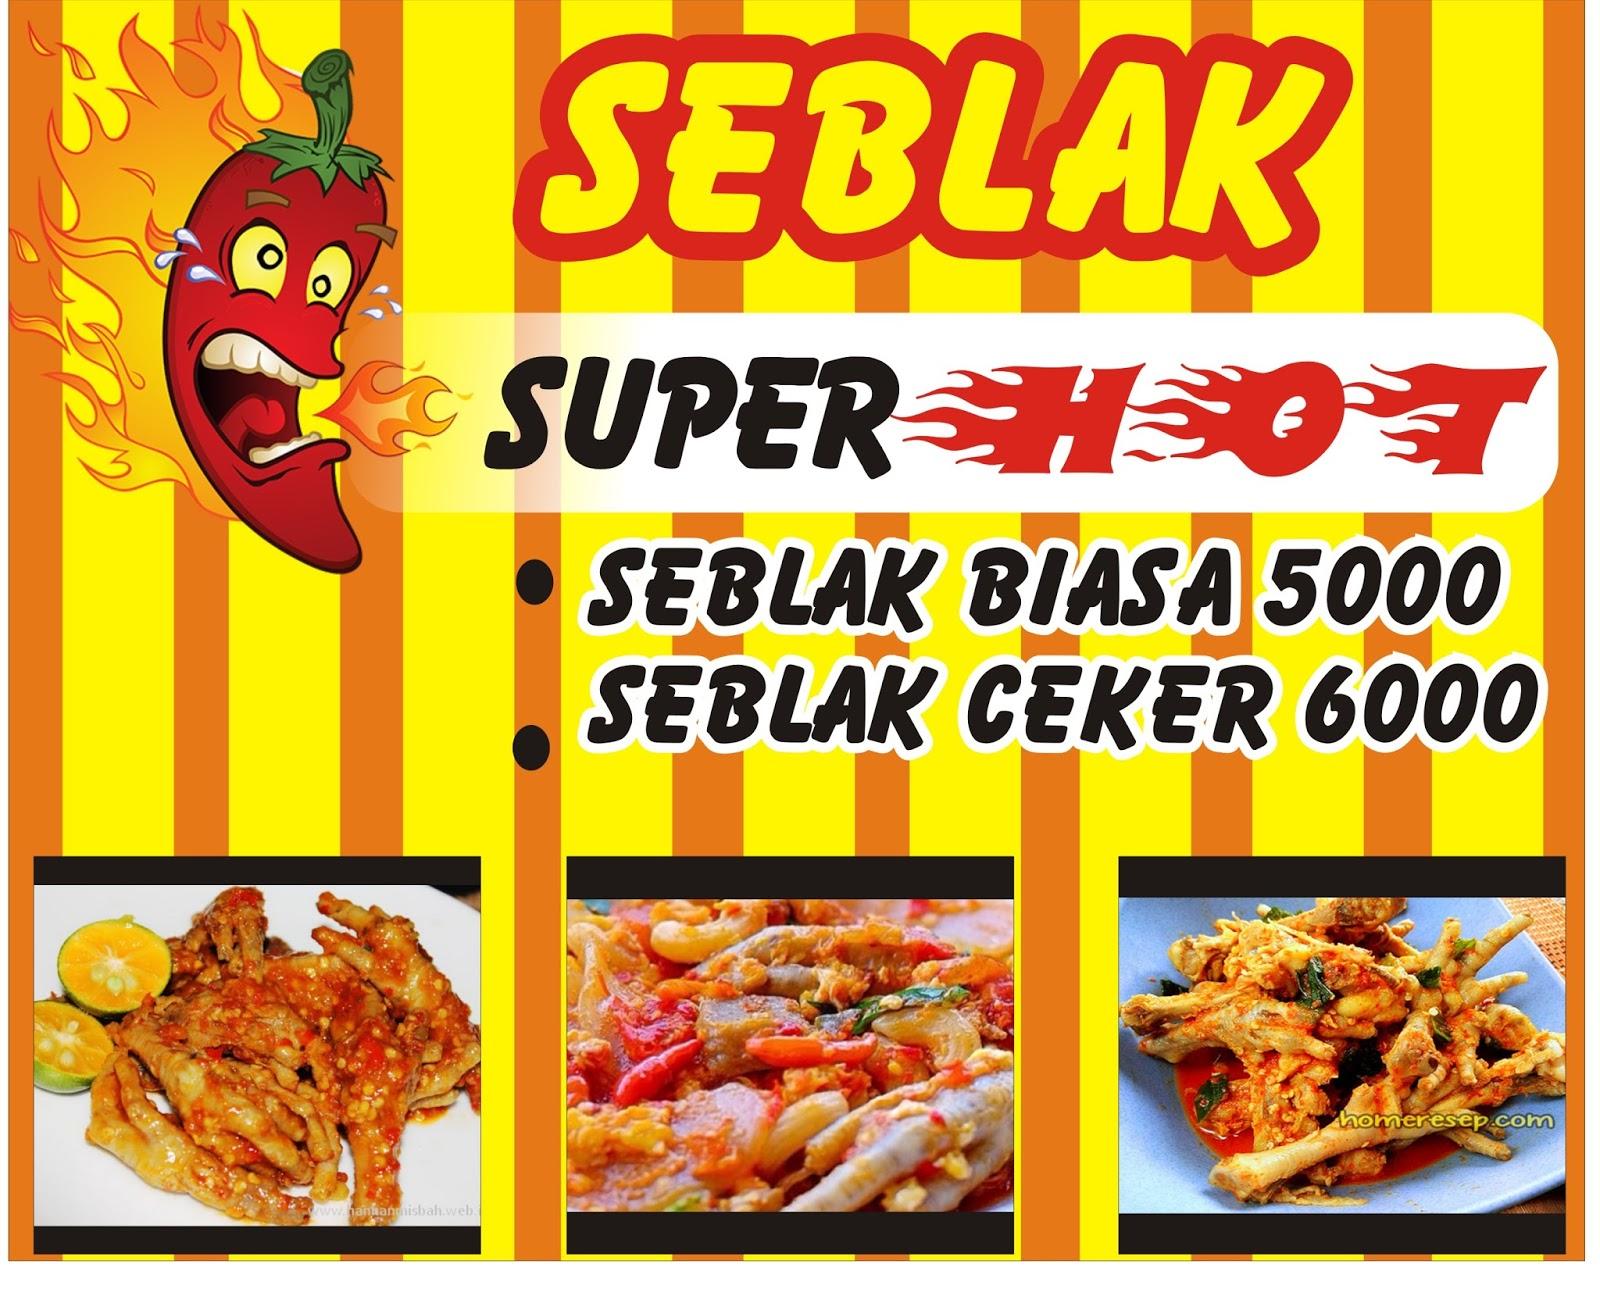 Download Kumpulan Contoh Spanduk Seblak.cdr - KARYAKU